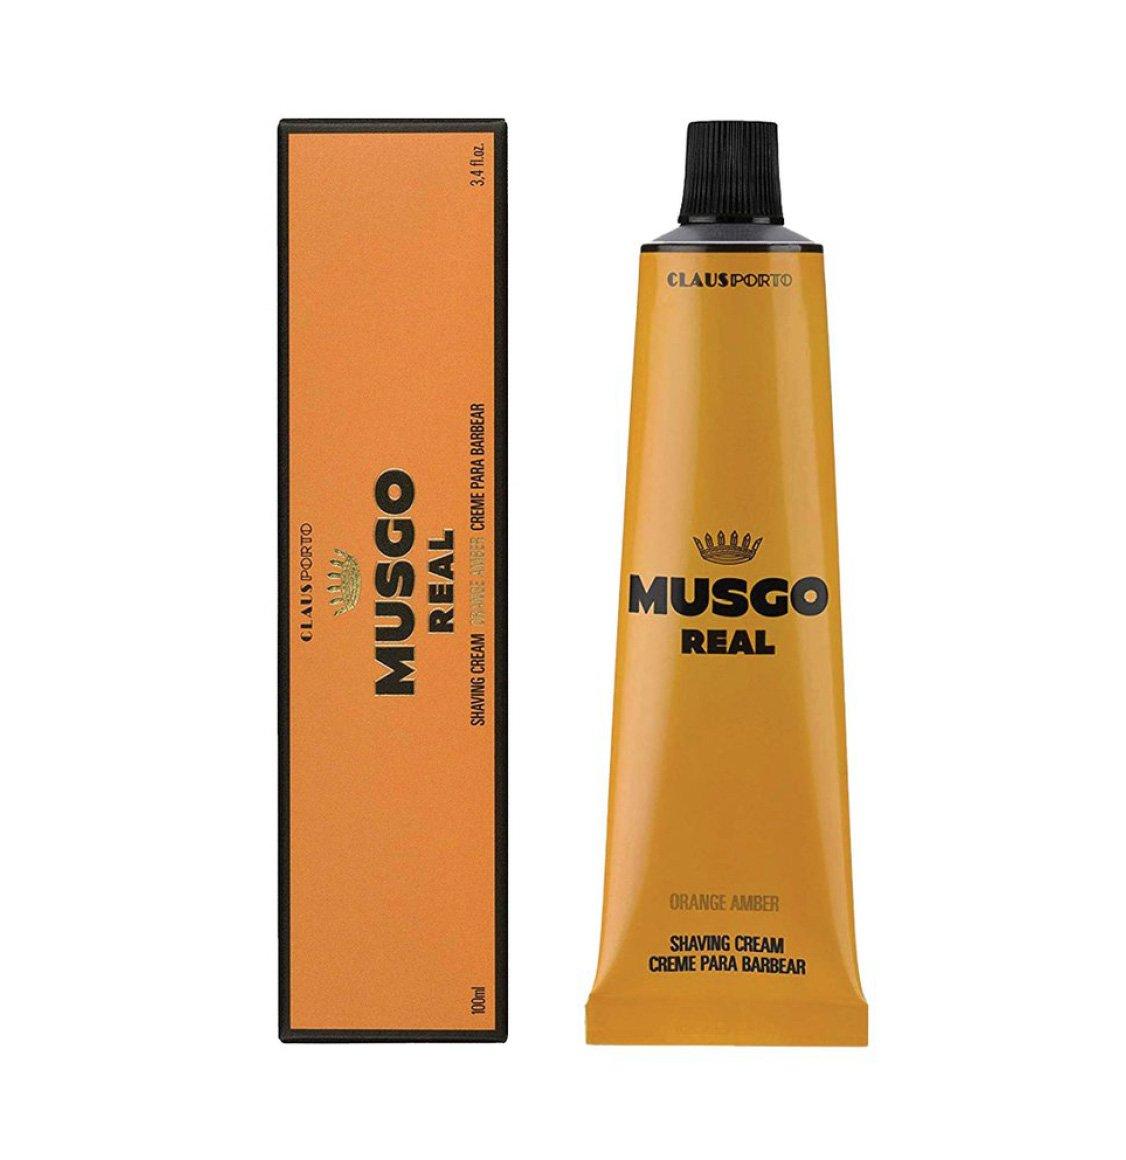 Claus Porto Musgo Real Orange Amber Shaving Cream 100ml